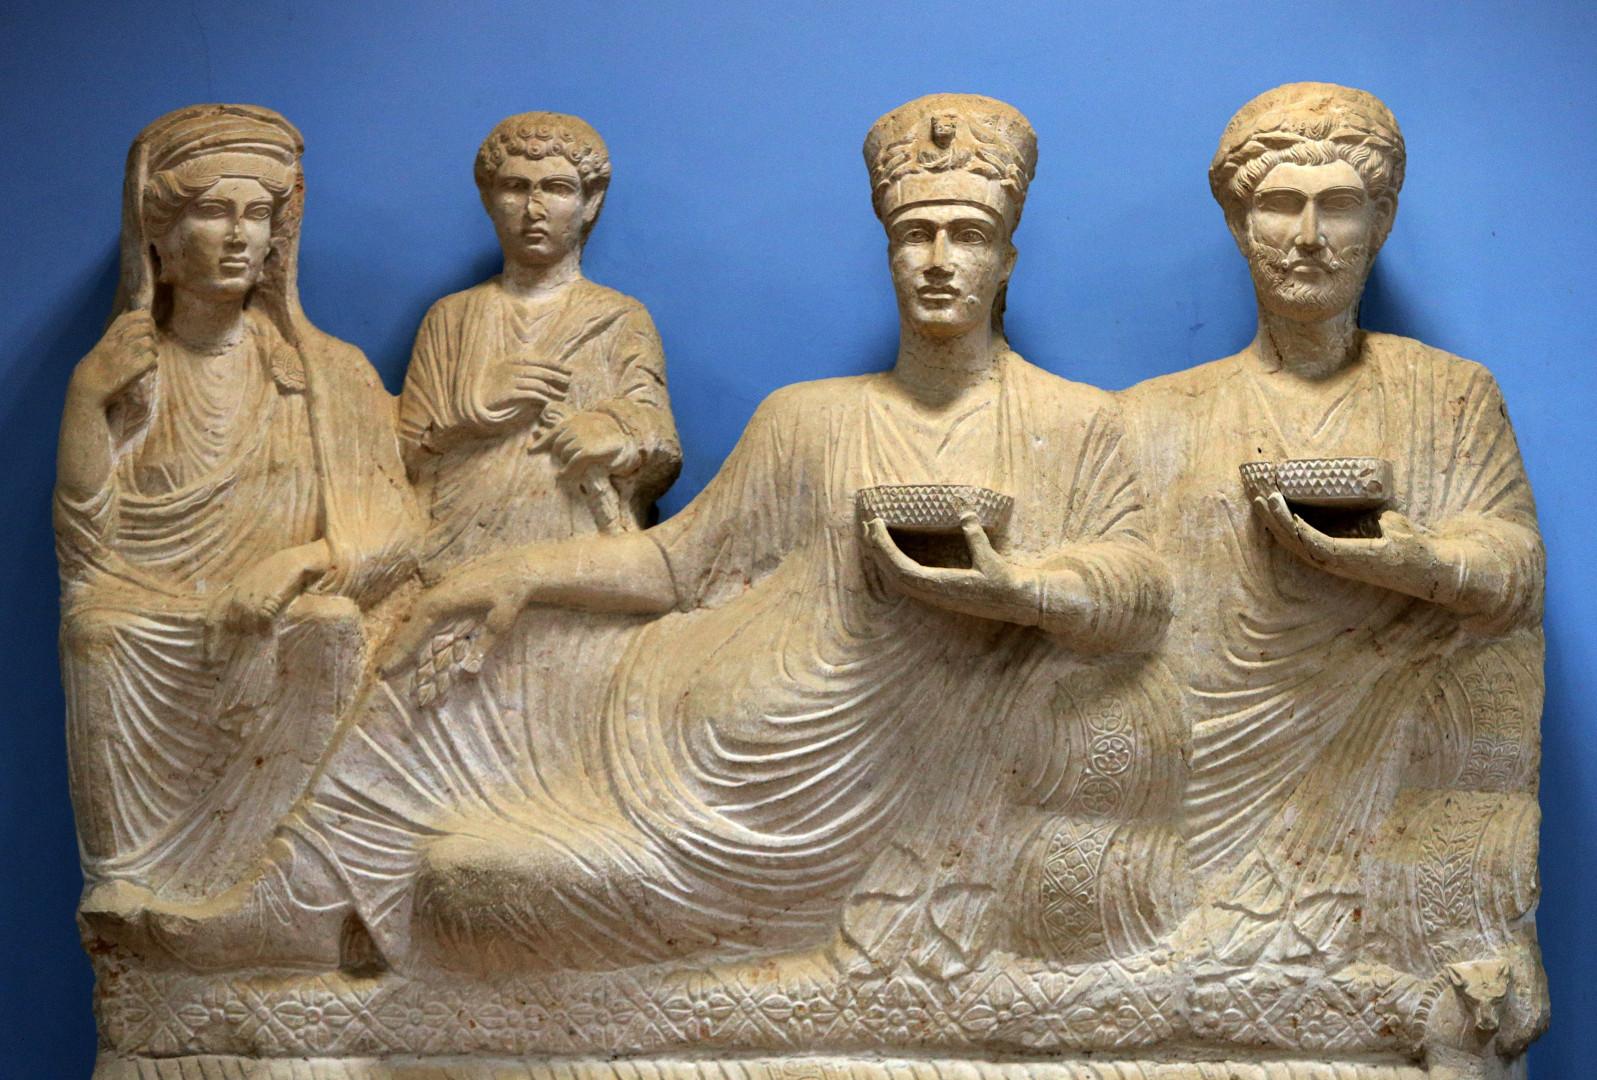 Une sculpture représentant une famille riche de la ville antique de Palmyre. Photo prise le 14 mars 2014